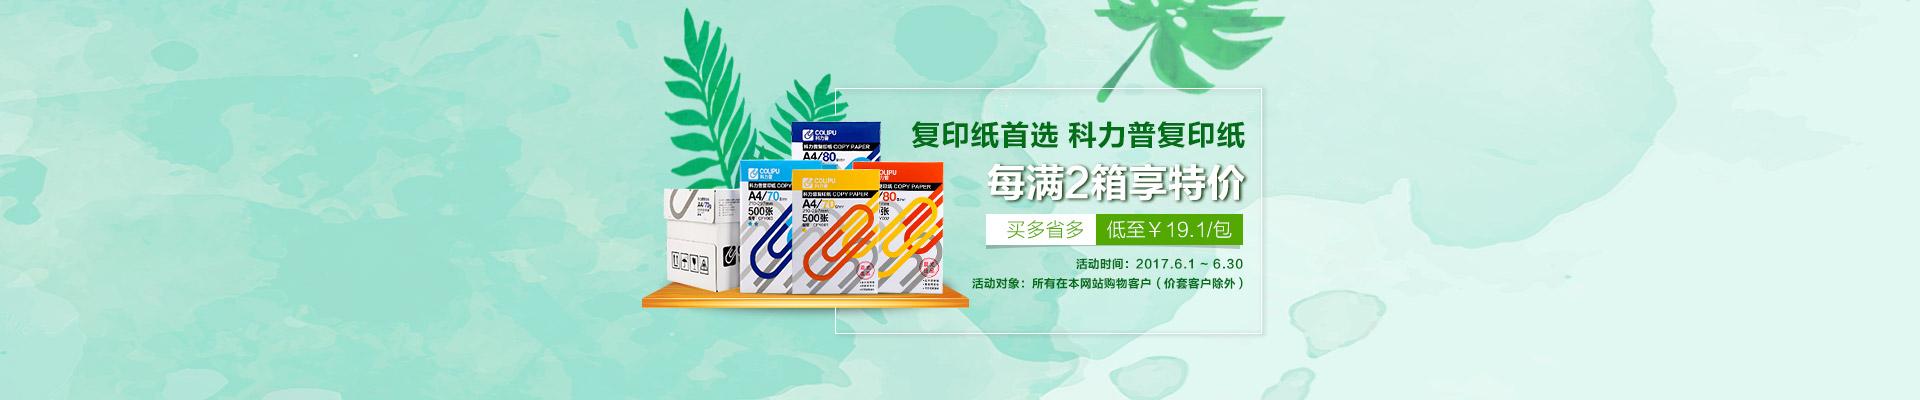 复印纸优选 科力普复印纸 买多省多 每满2箱享特价 低至¥18.9/包